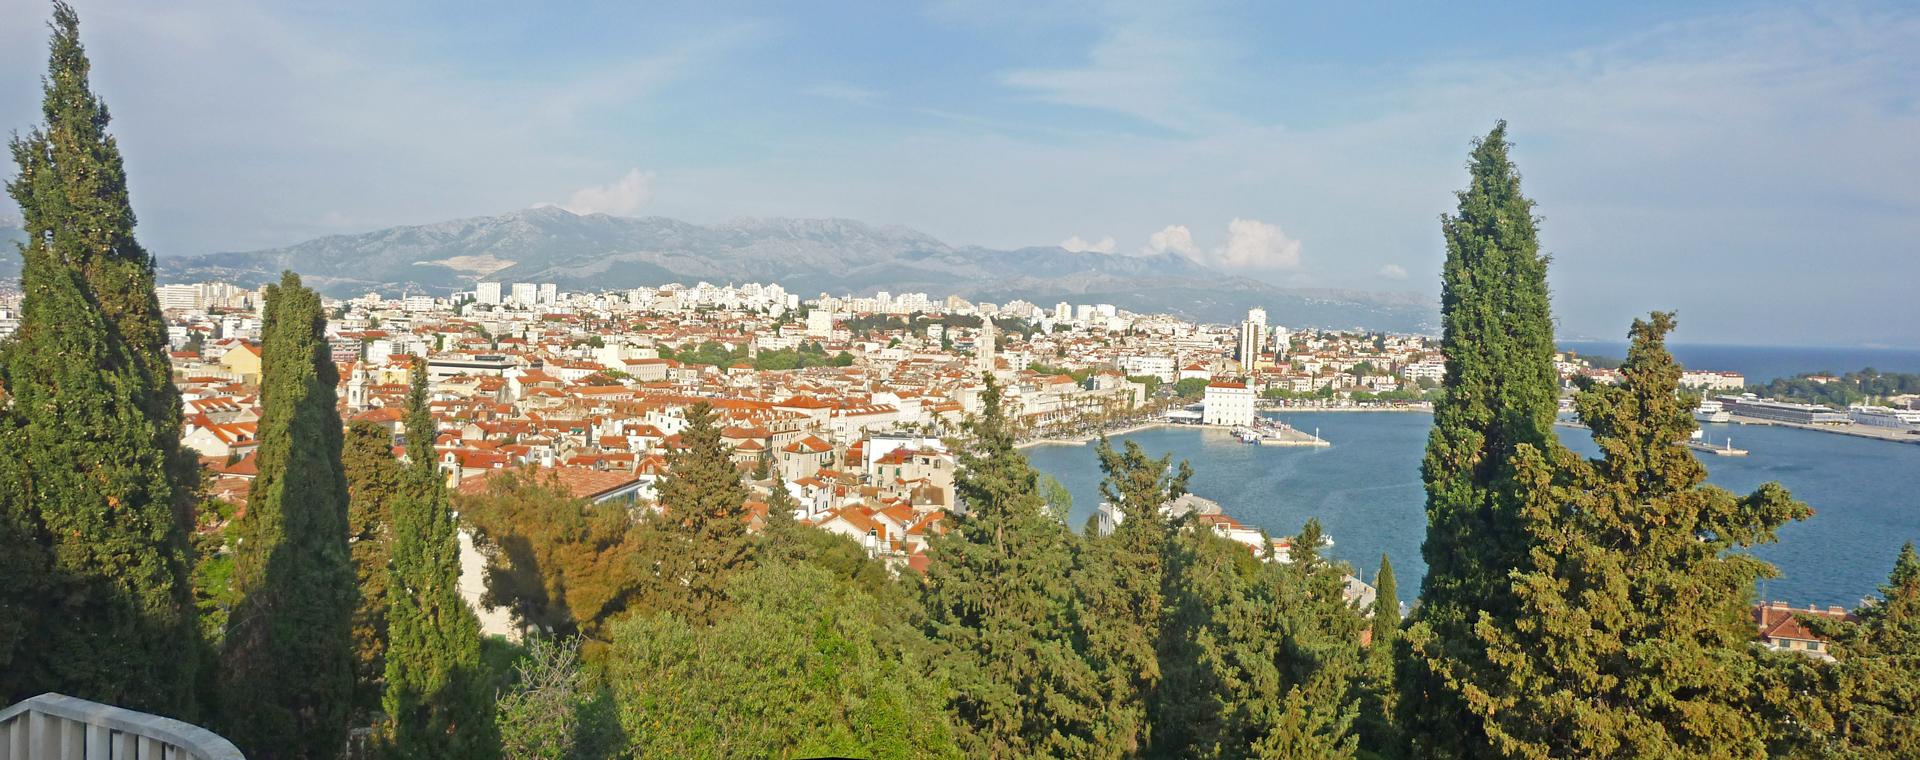 Voyage à pied : Croatie : îles et cités de la Dalmatie